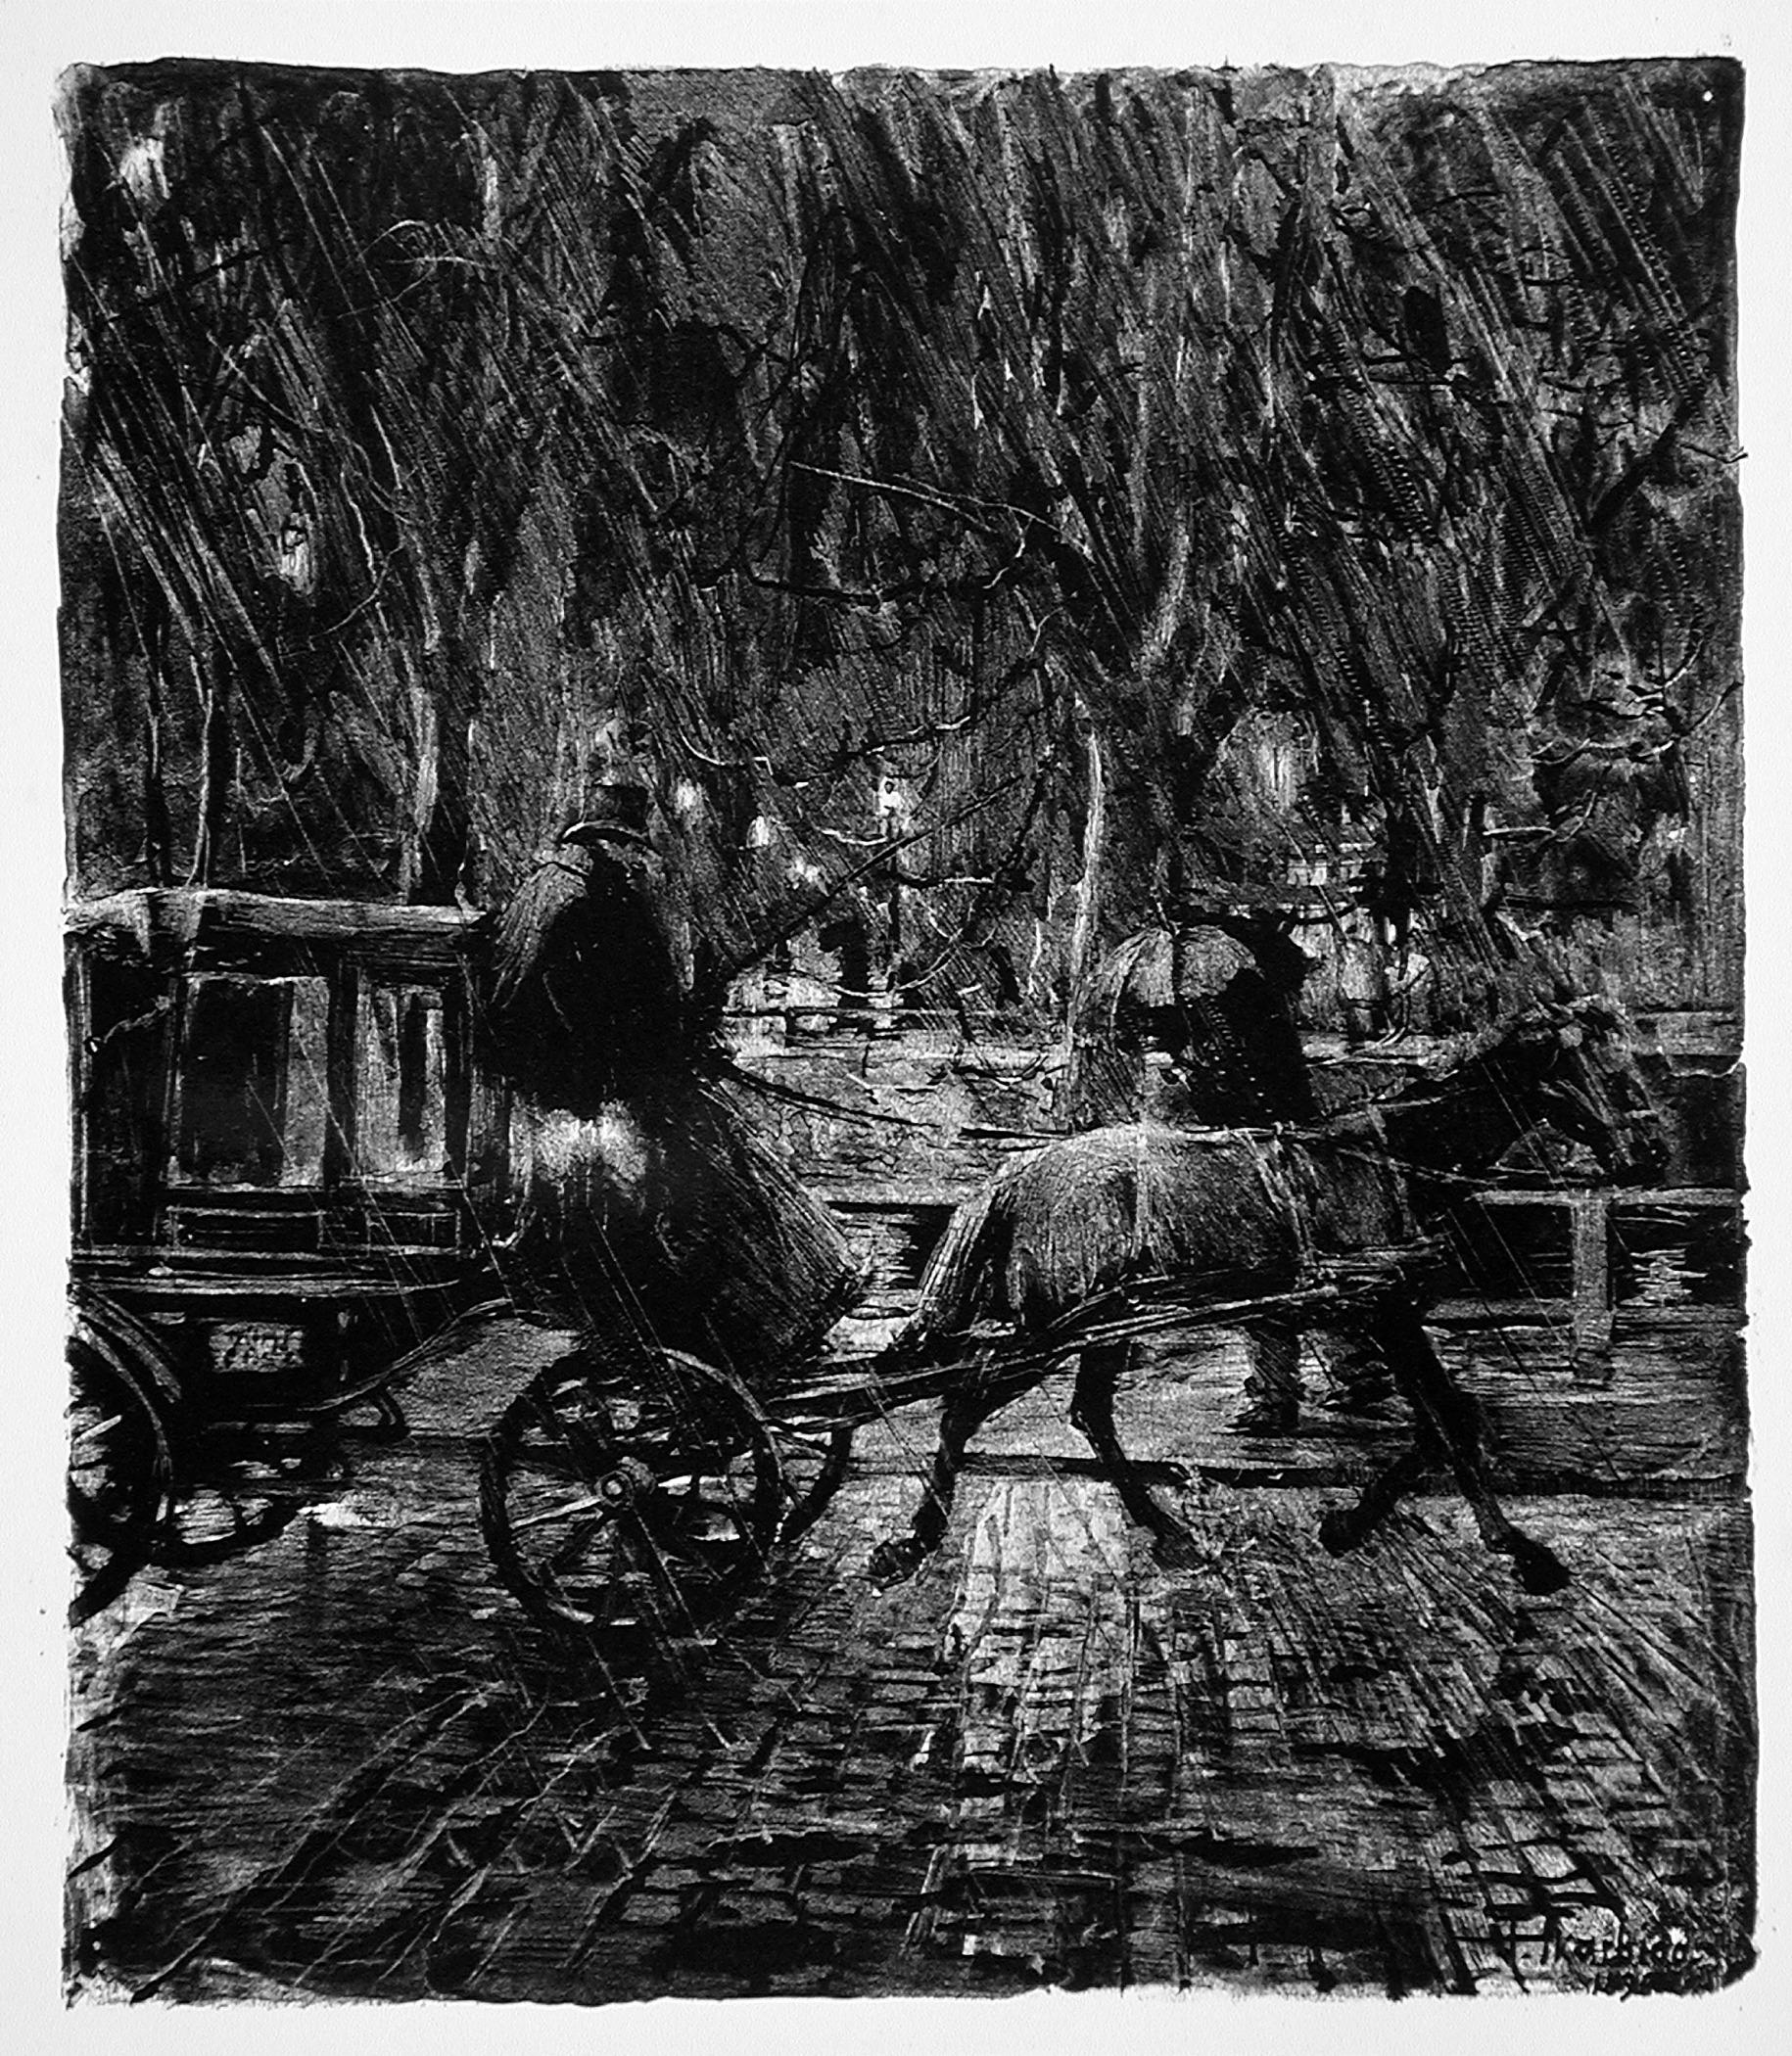 Cab_in_the_rain_LACMA_83.1.1352c